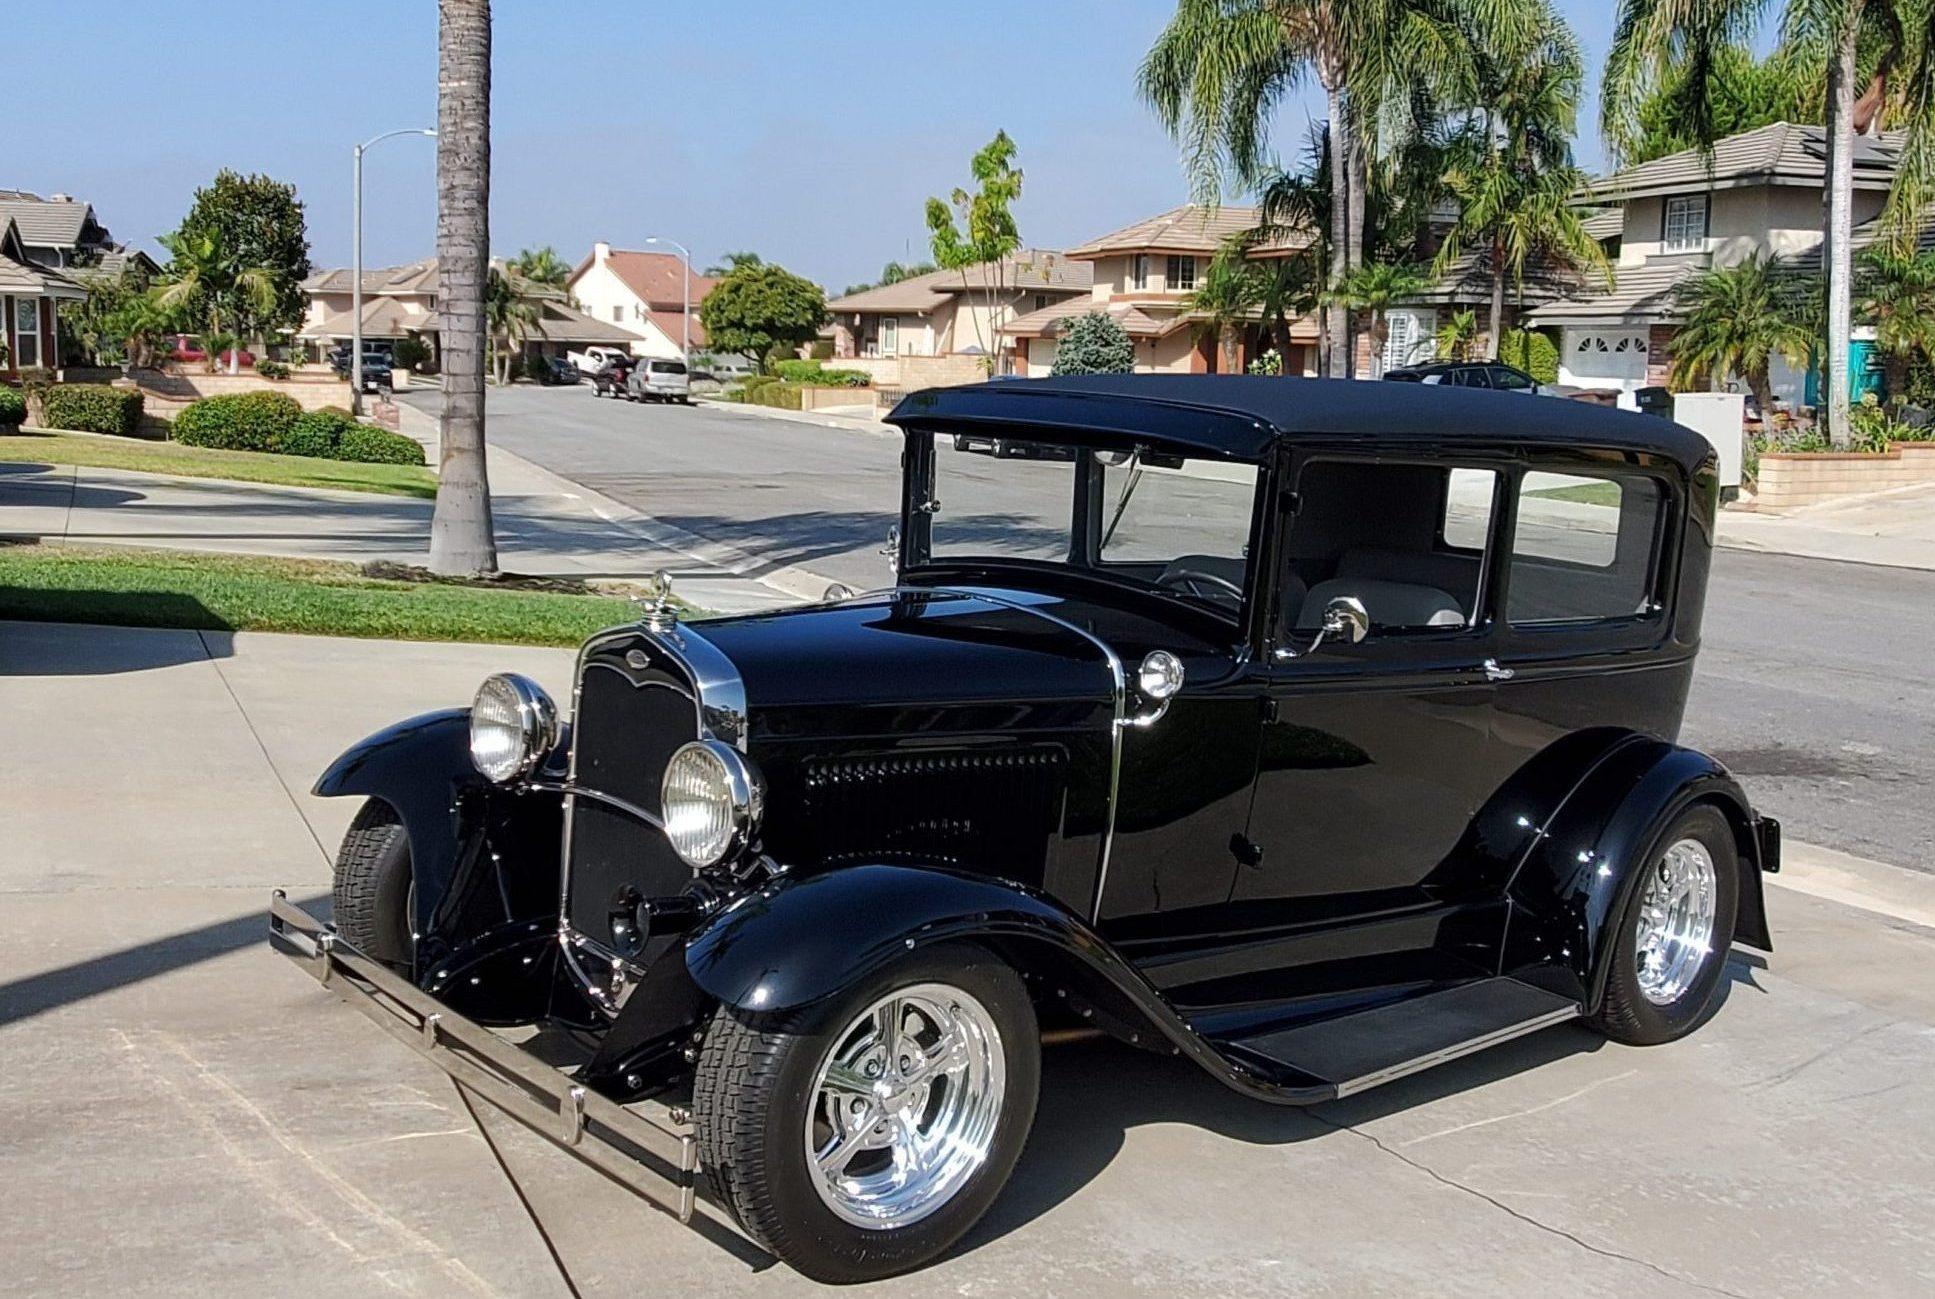 1931 Ford Tudor Model A hot rod front